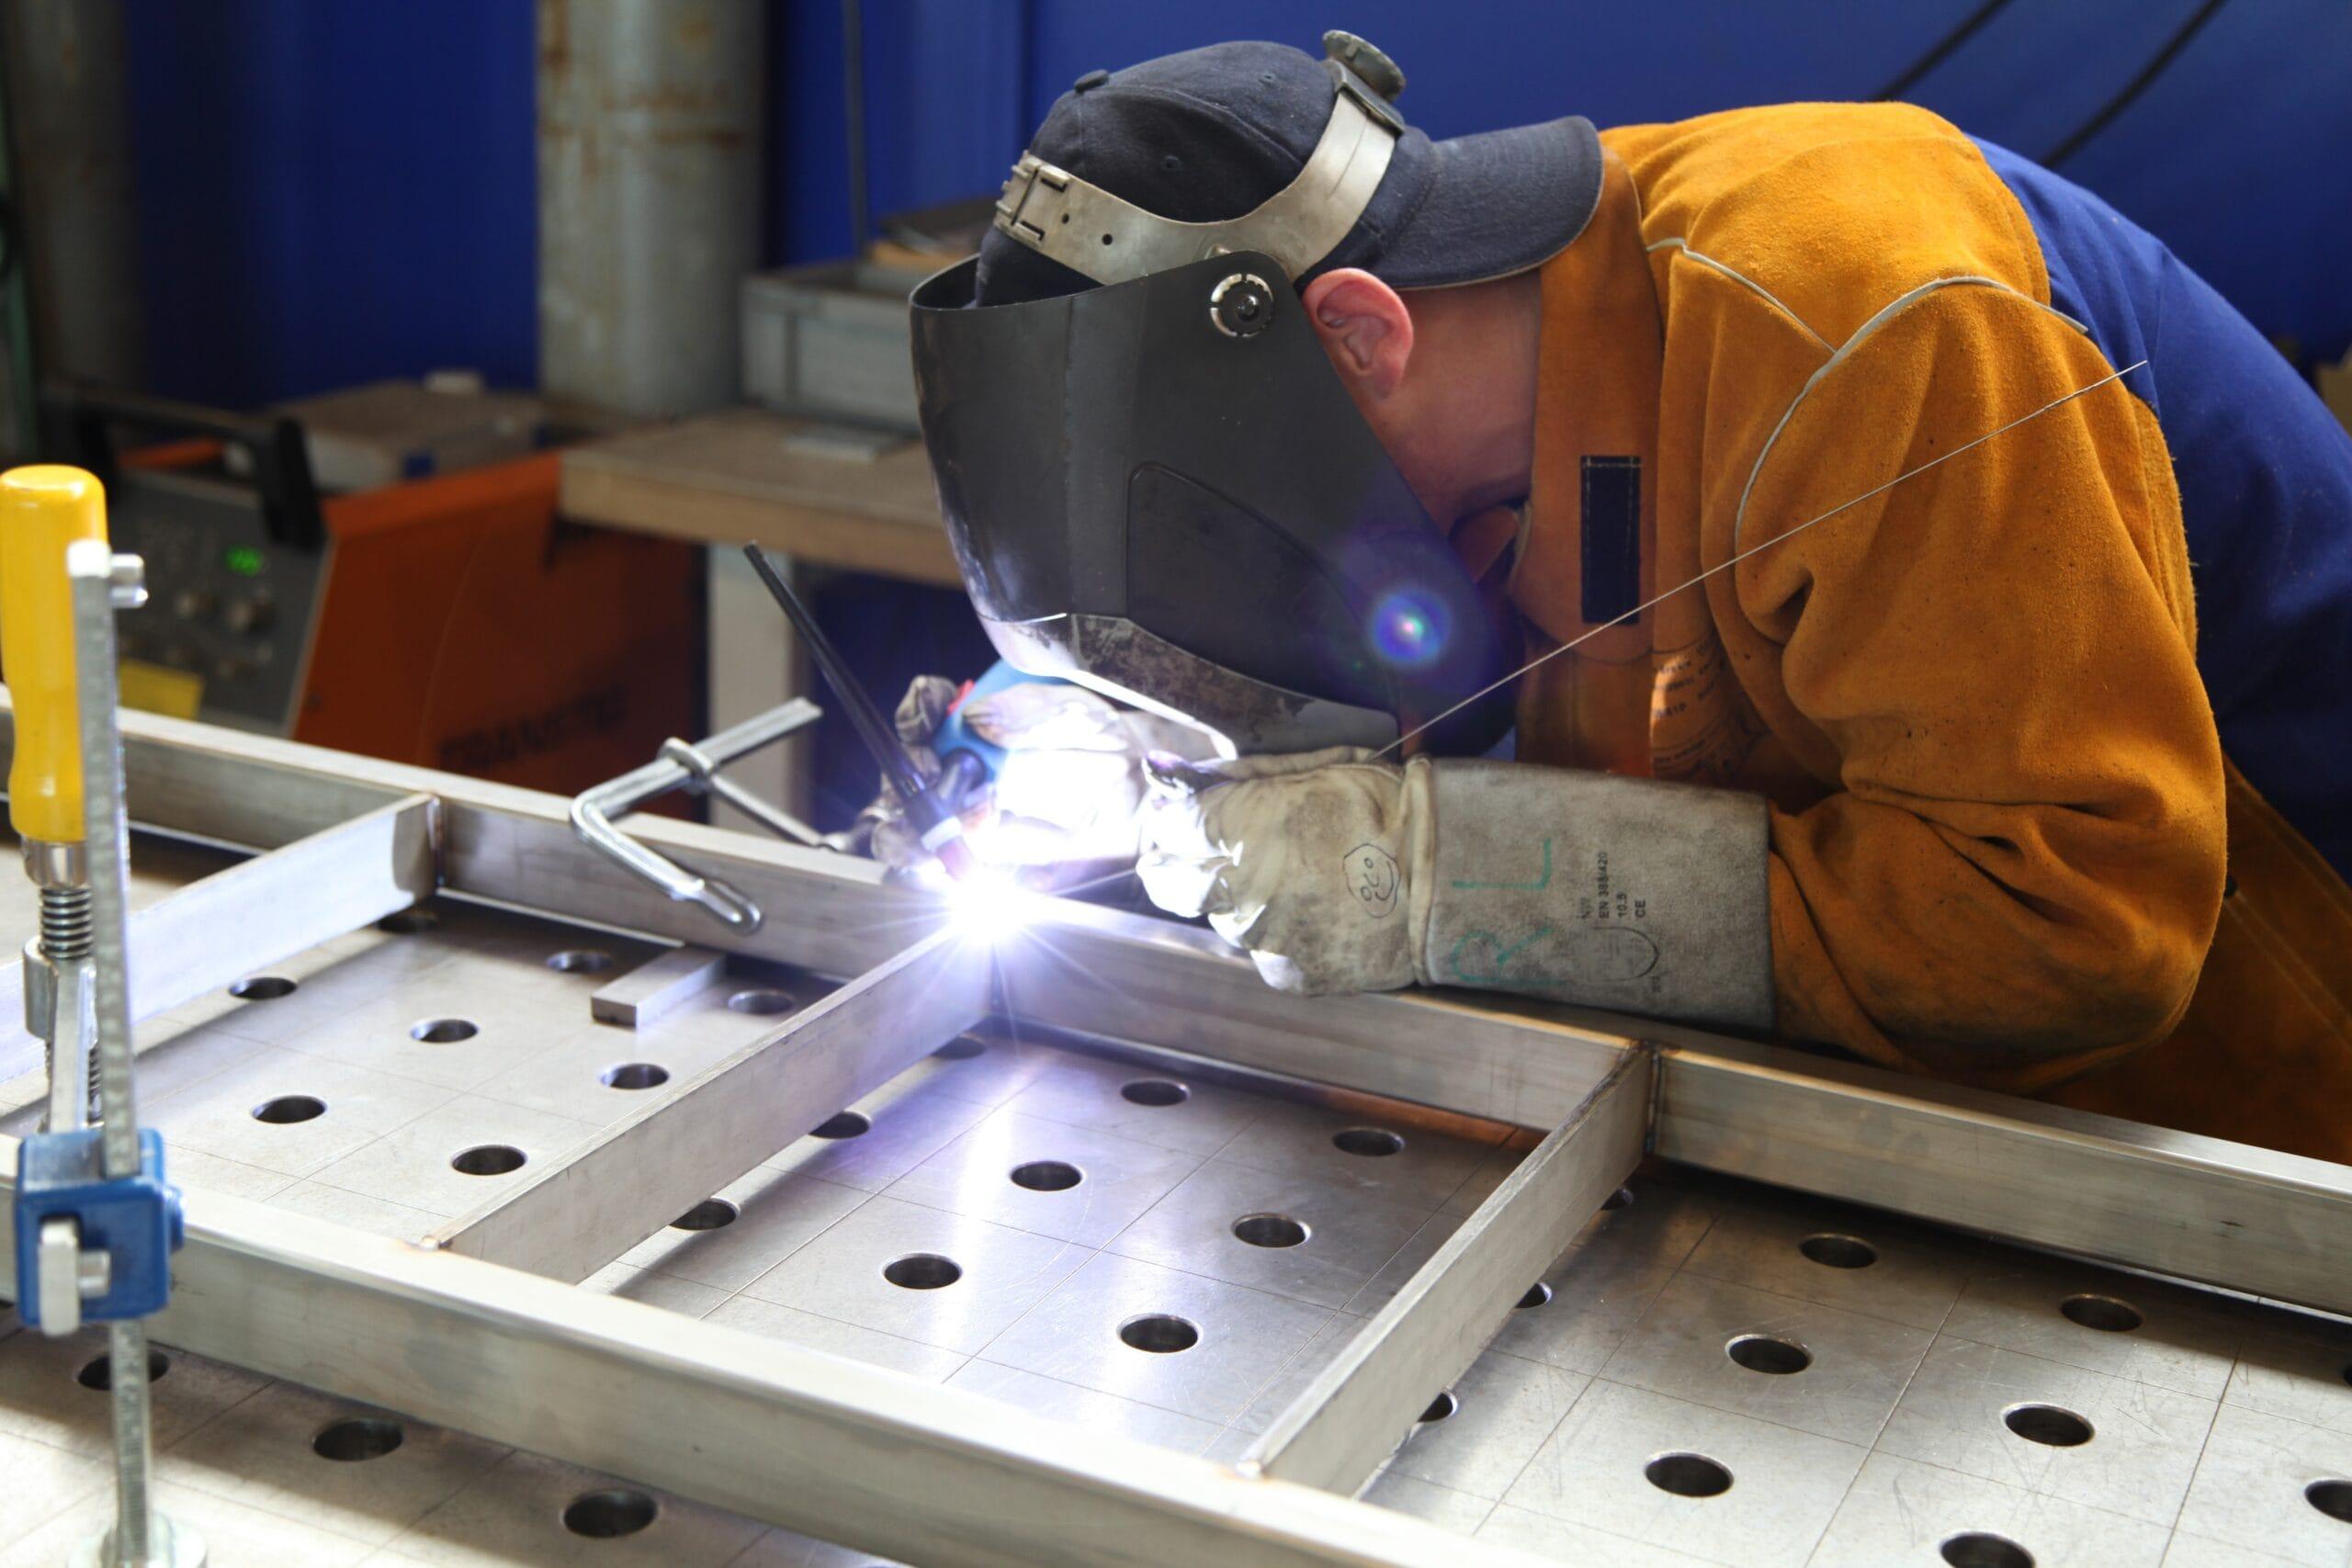 Metallbau: Zuversicht bei vielen Betrieben, Zulieferer in der Krise